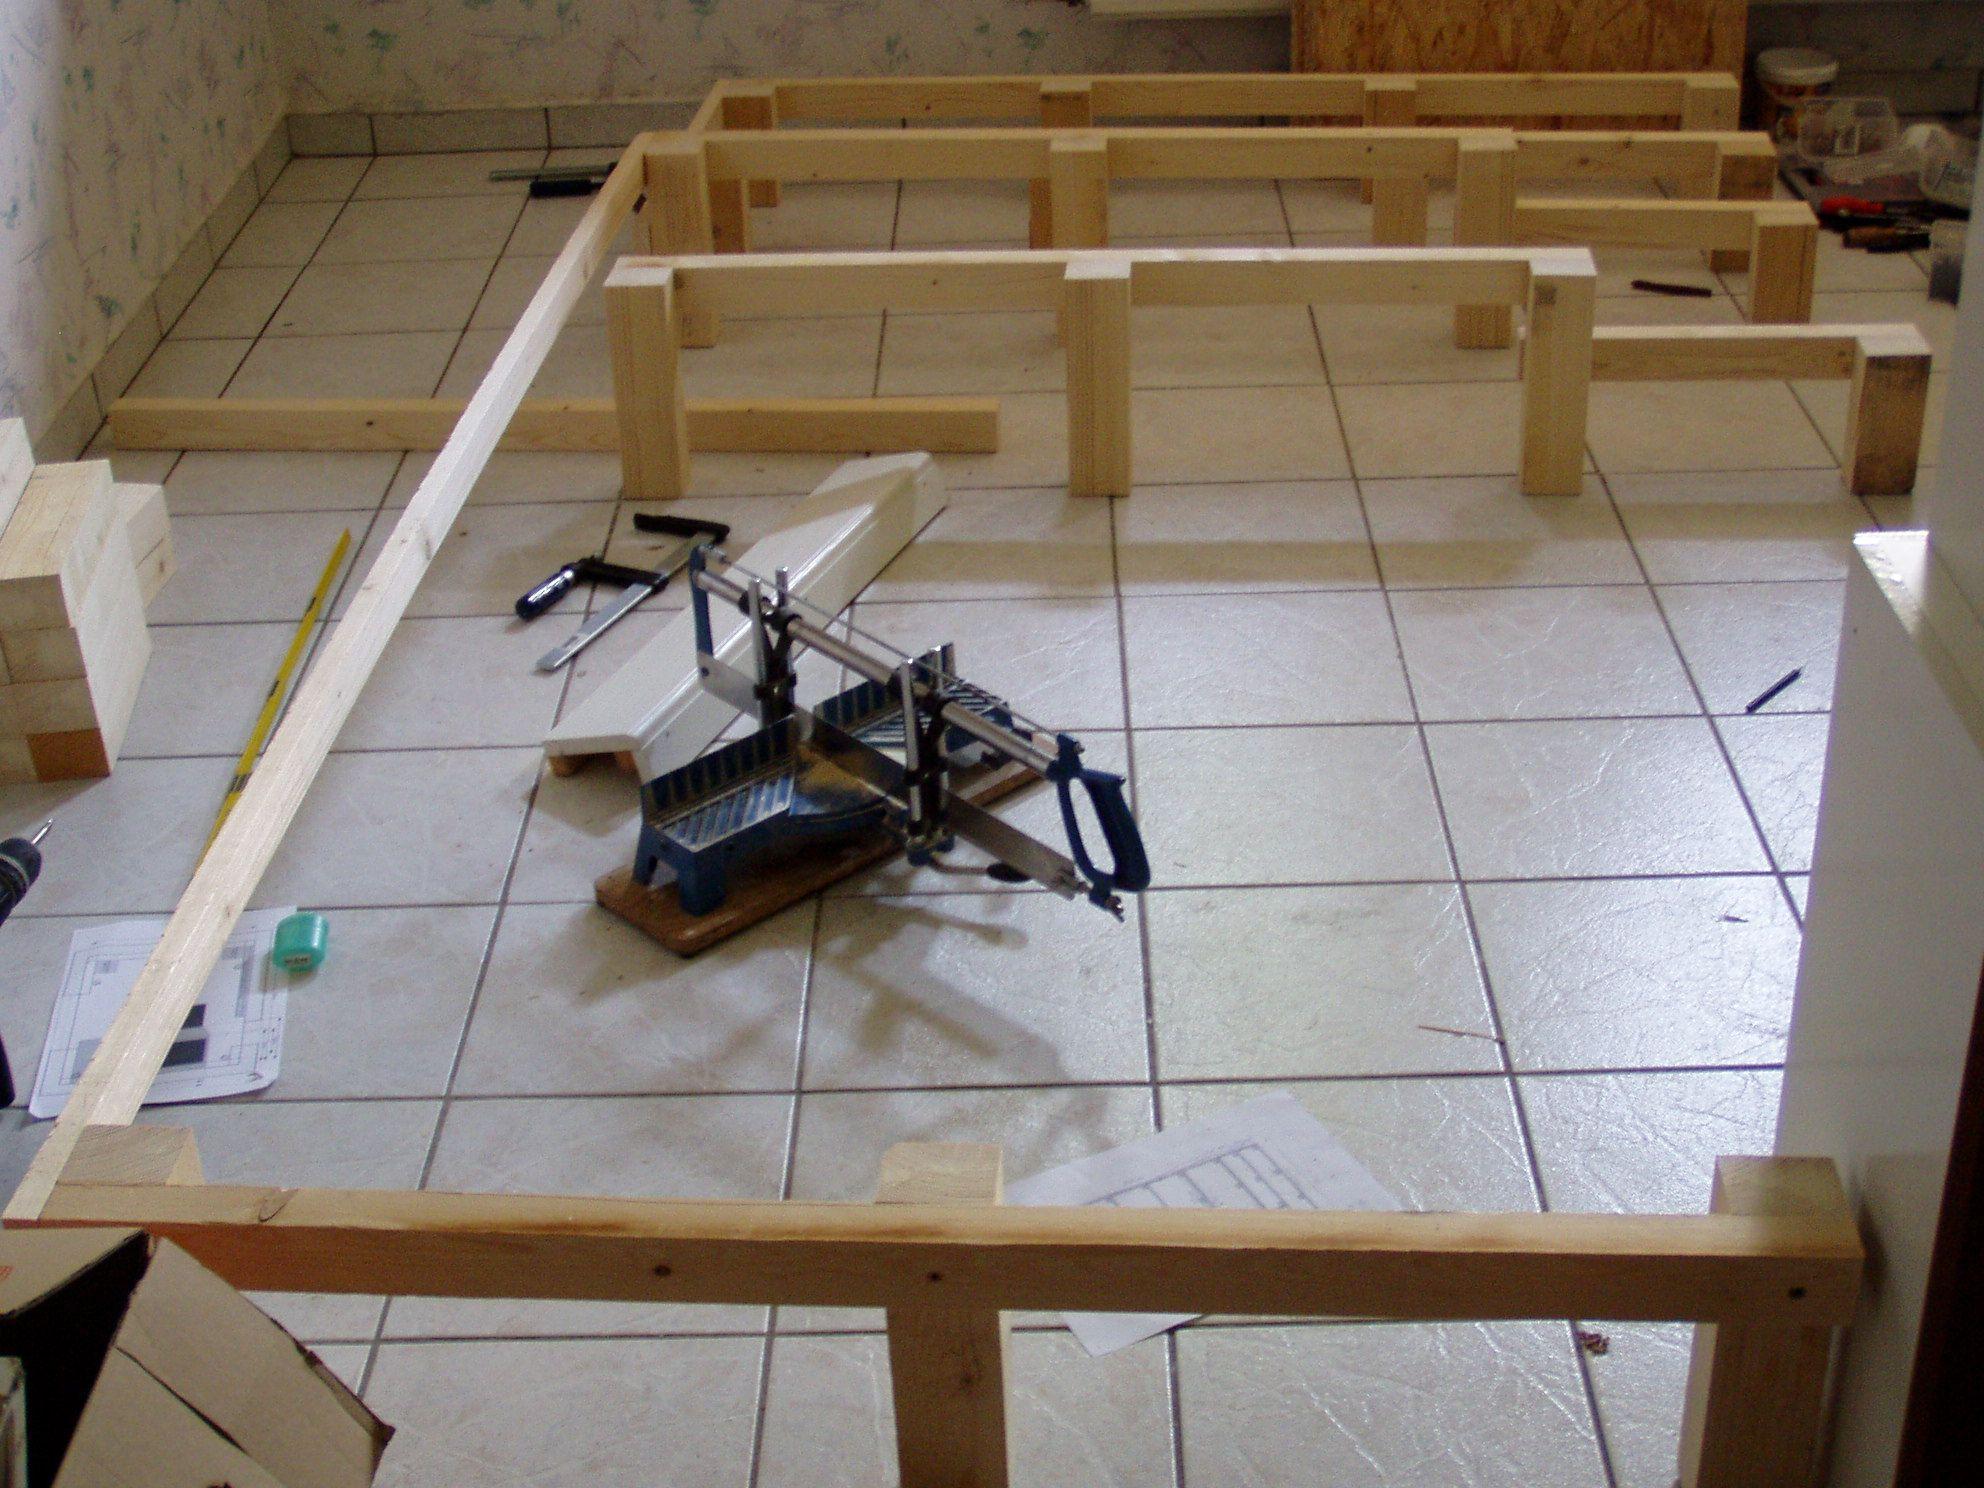 waschmaschinen podest bauen deeviz for podest podest waschmaschine podest und podest bauen. Black Bedroom Furniture Sets. Home Design Ideas